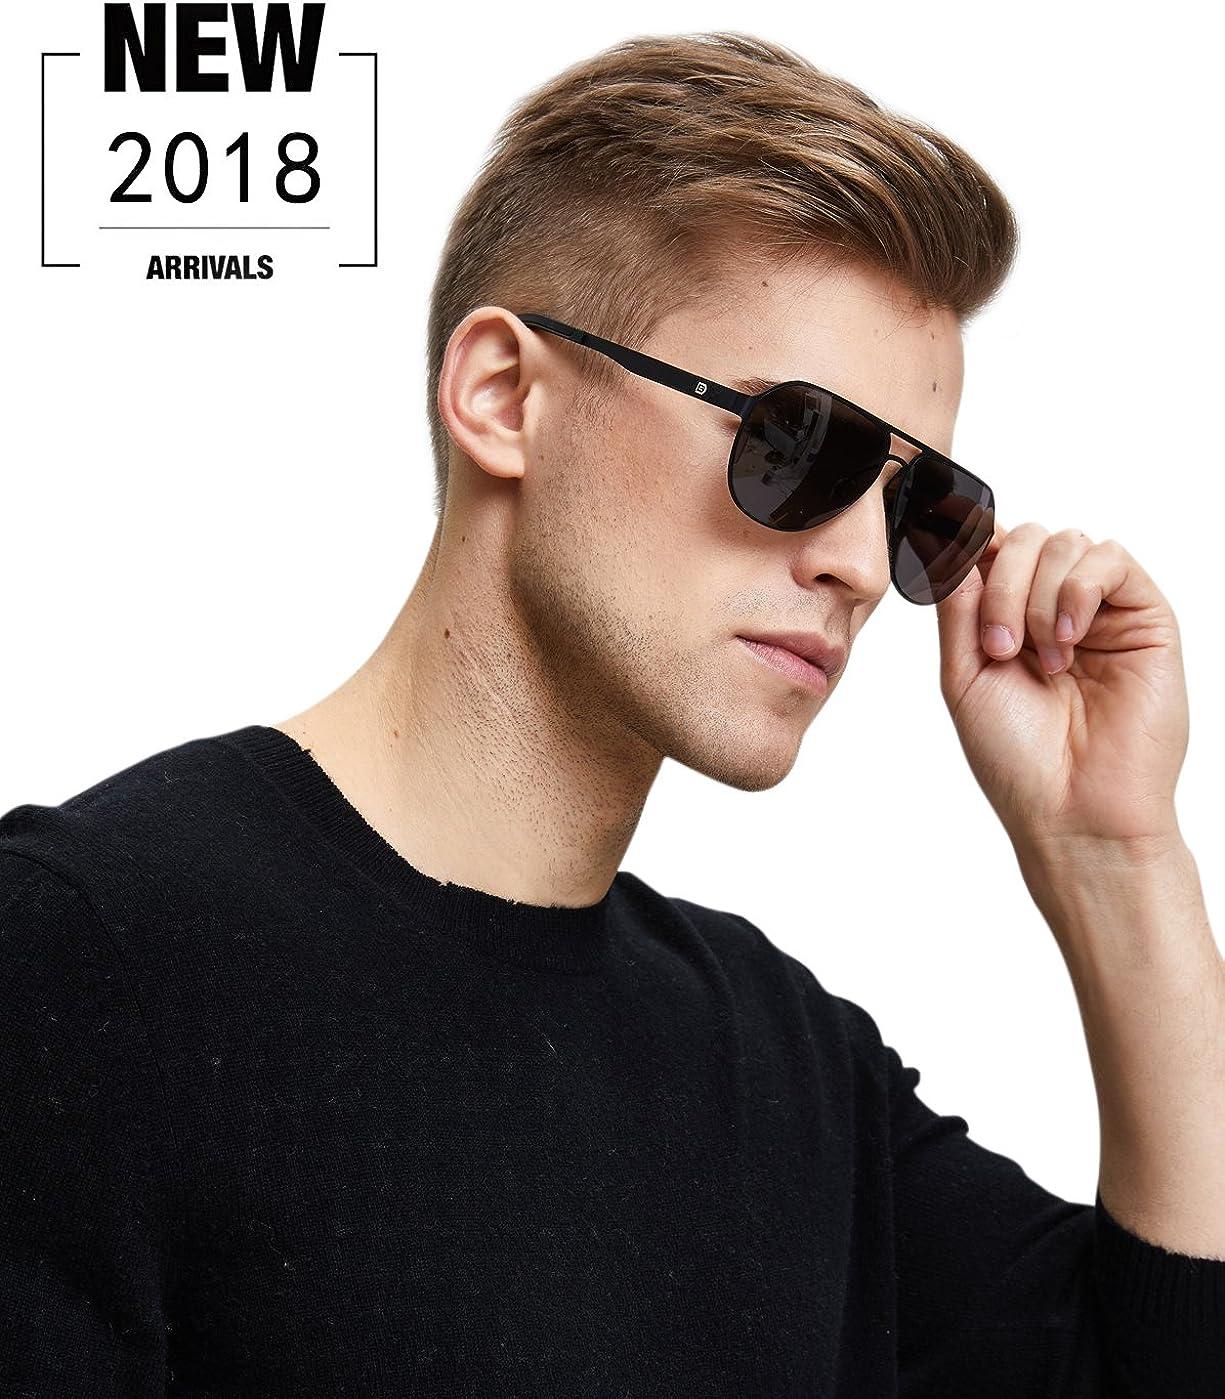 DUCO Premium Flexible Gr/ö/ße Rahmen Pilotenbrille polarisierte Sonnenbrille Nylon Linsen M/änner Frauen 100/% UV-Schutz G001